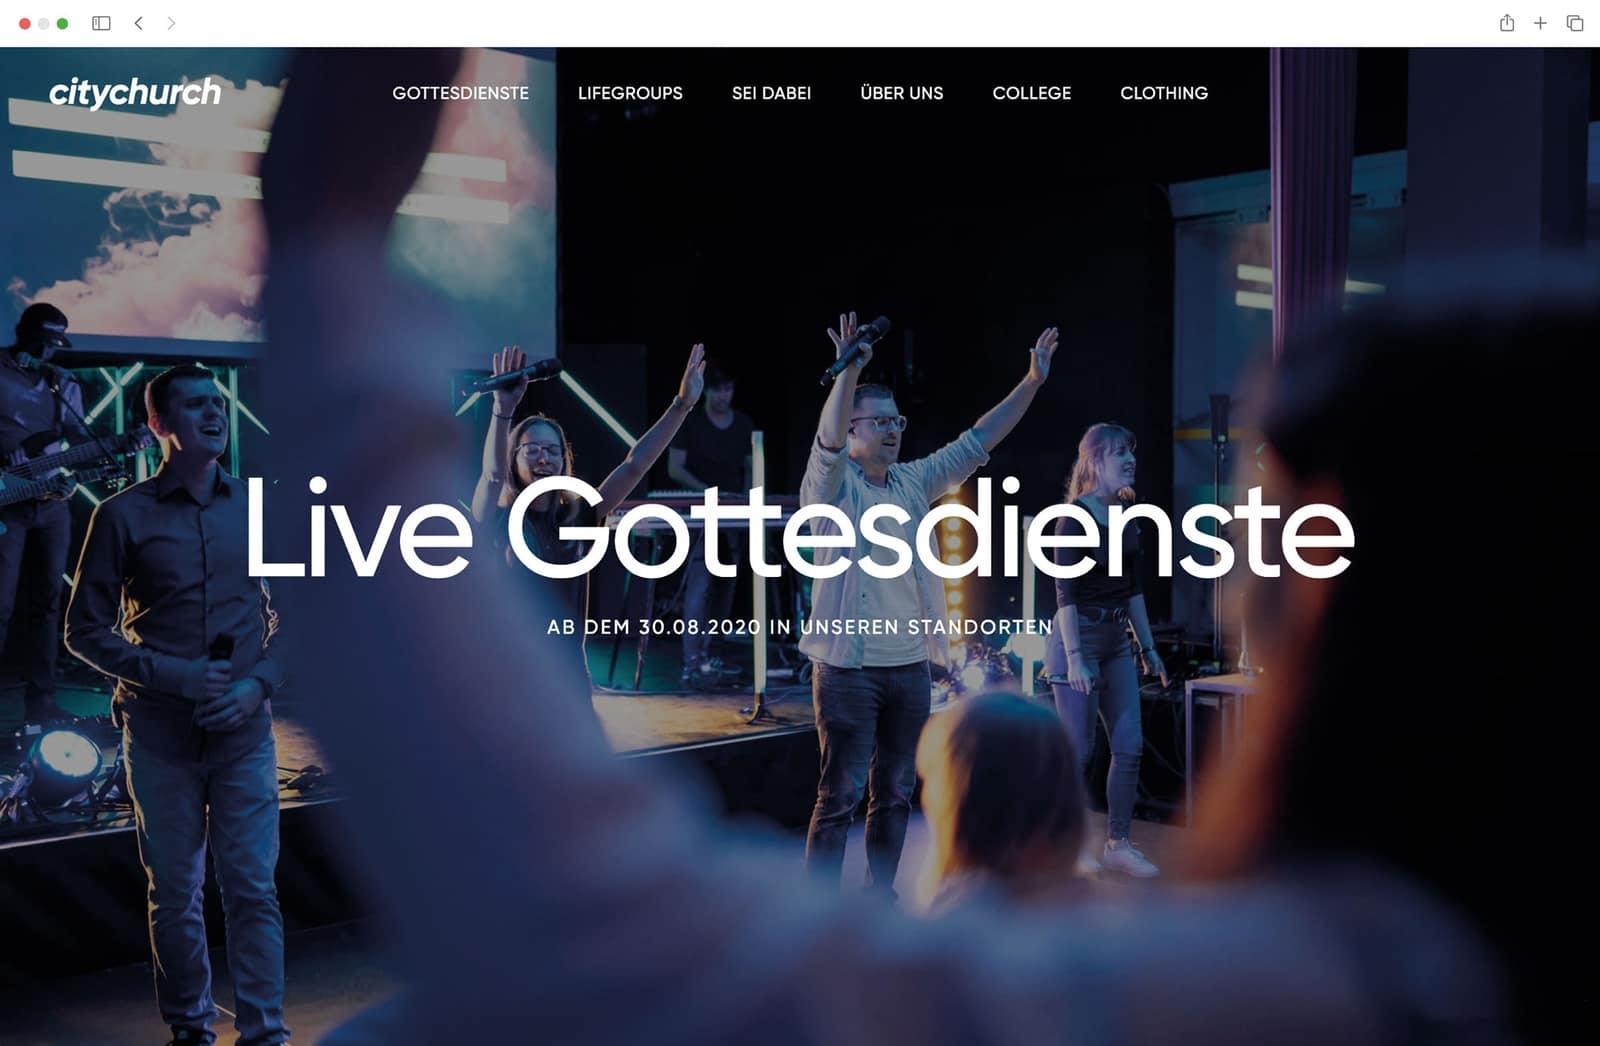 Website Startseite Referenz McWeb Kirche Gottesdienst Citychurch Koeln